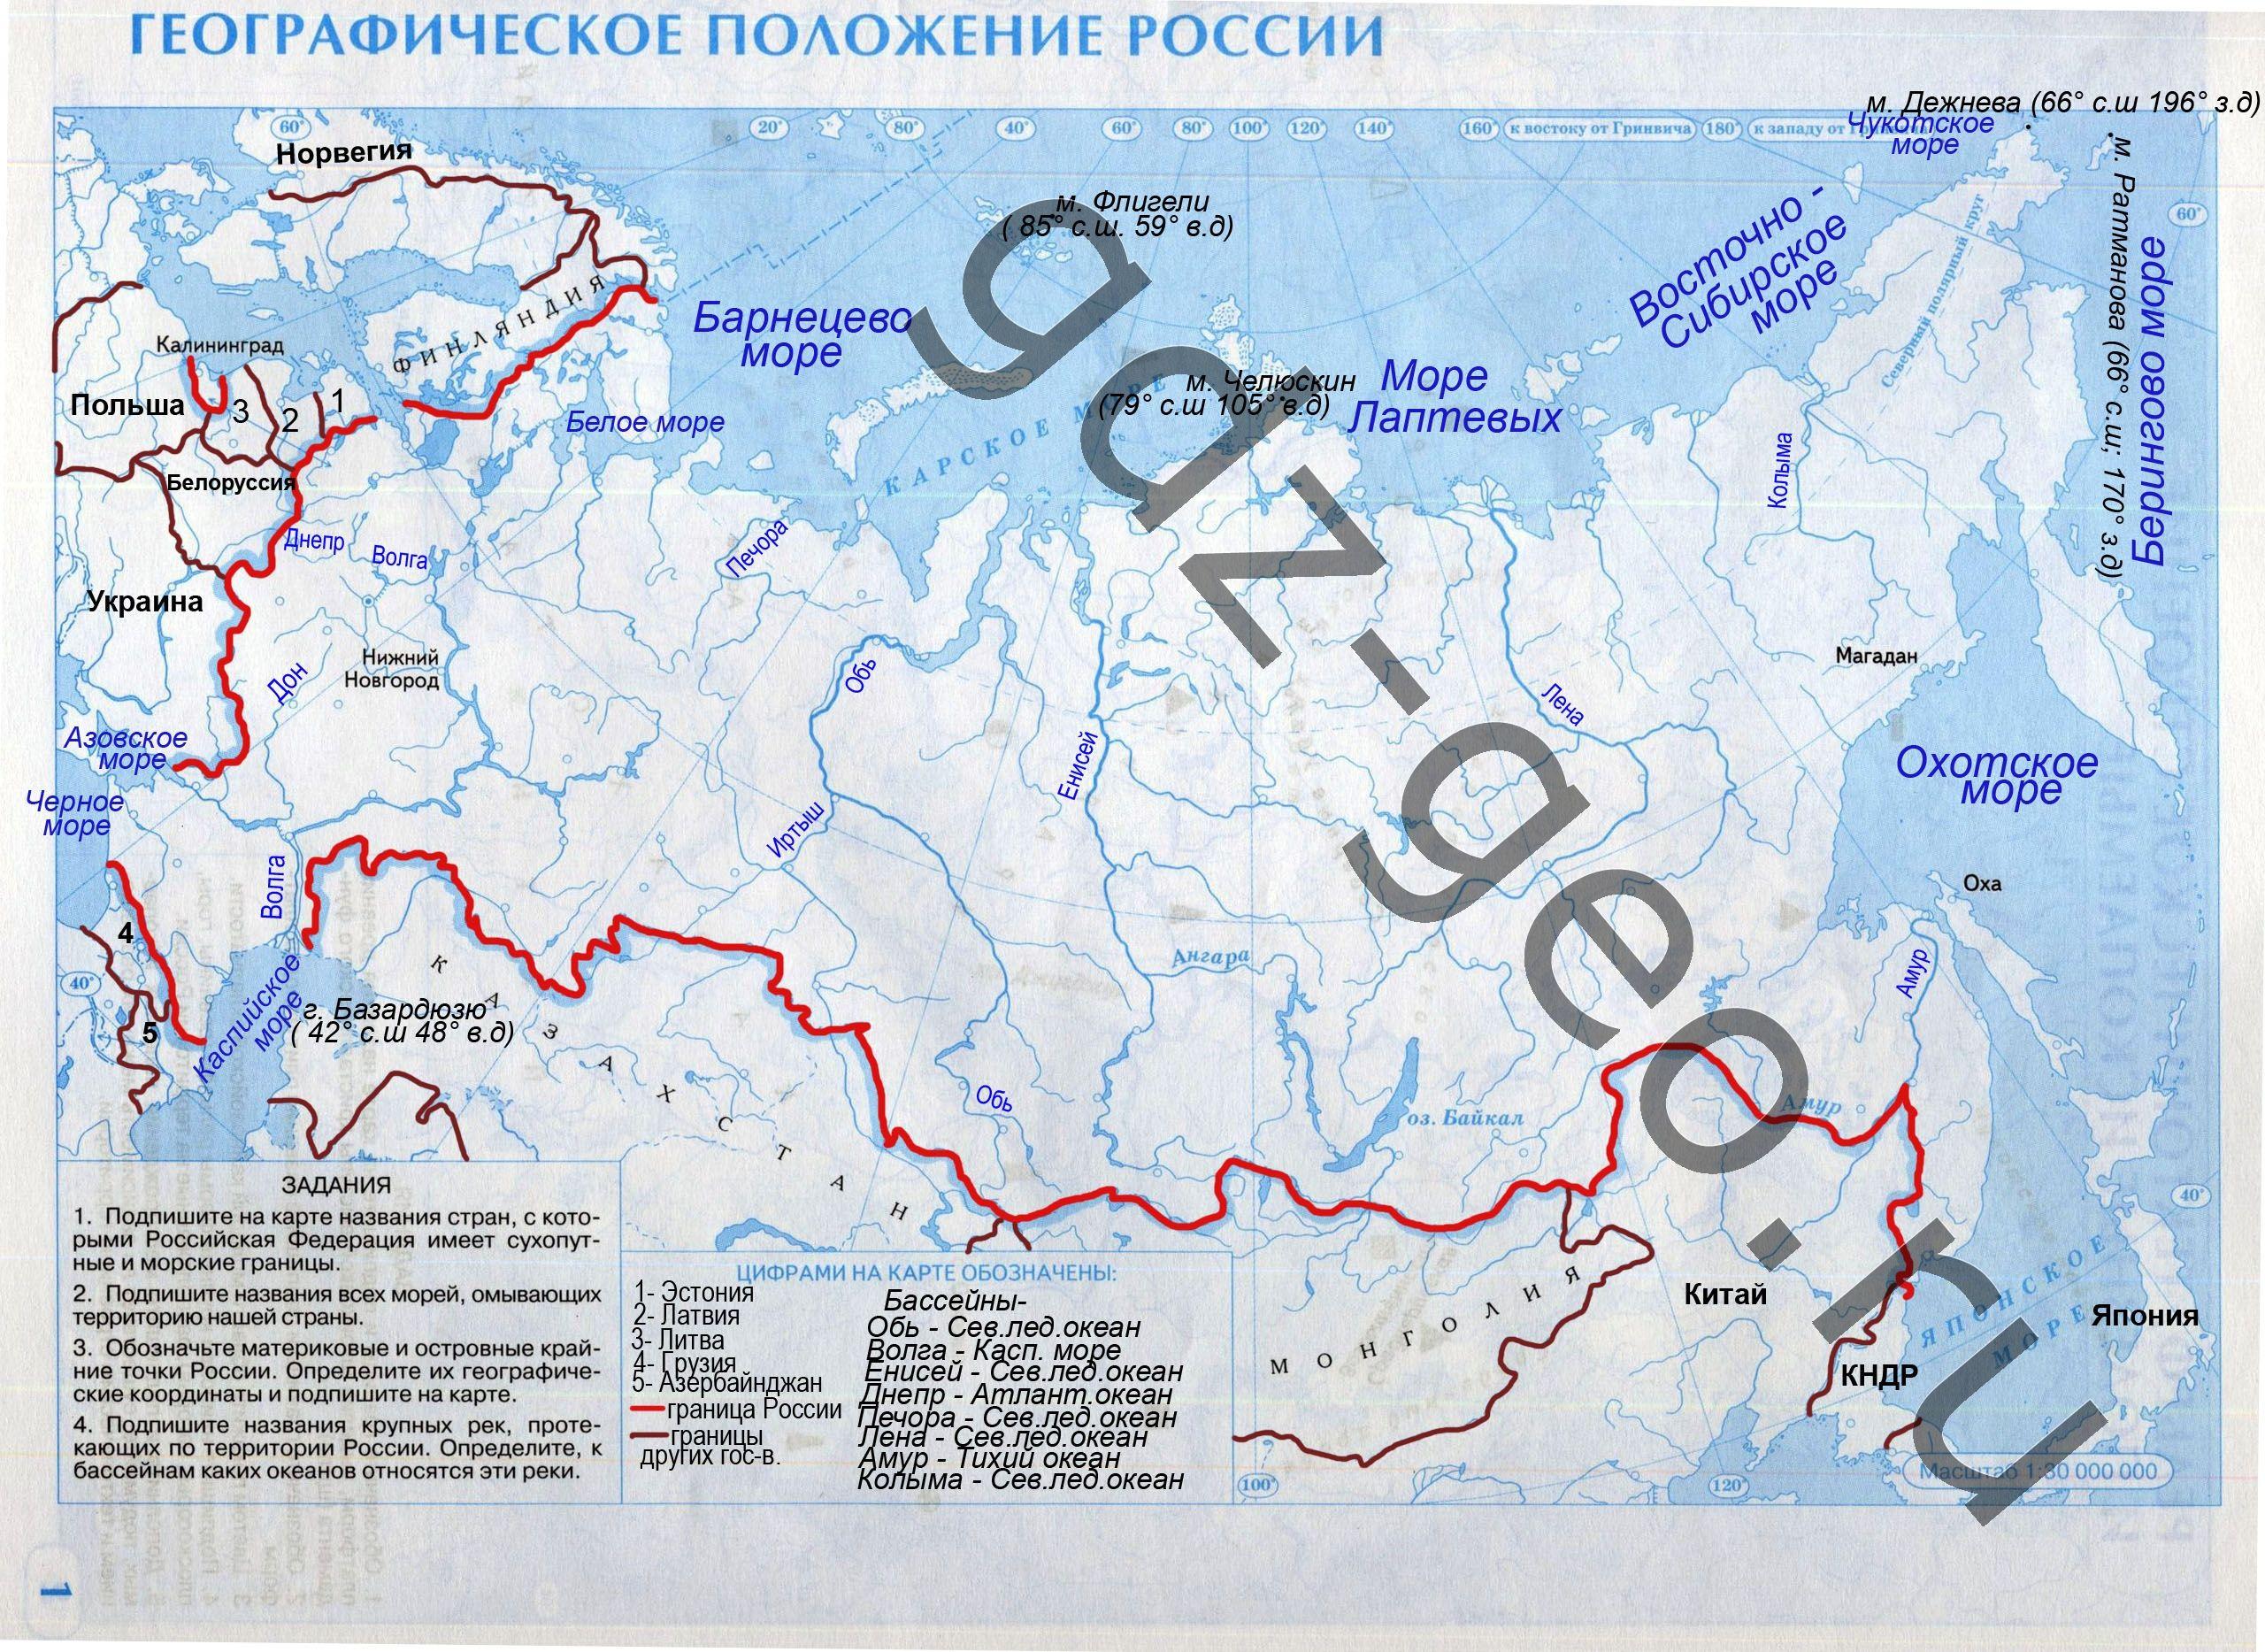 Доклад на тему географическое положение россии 1087